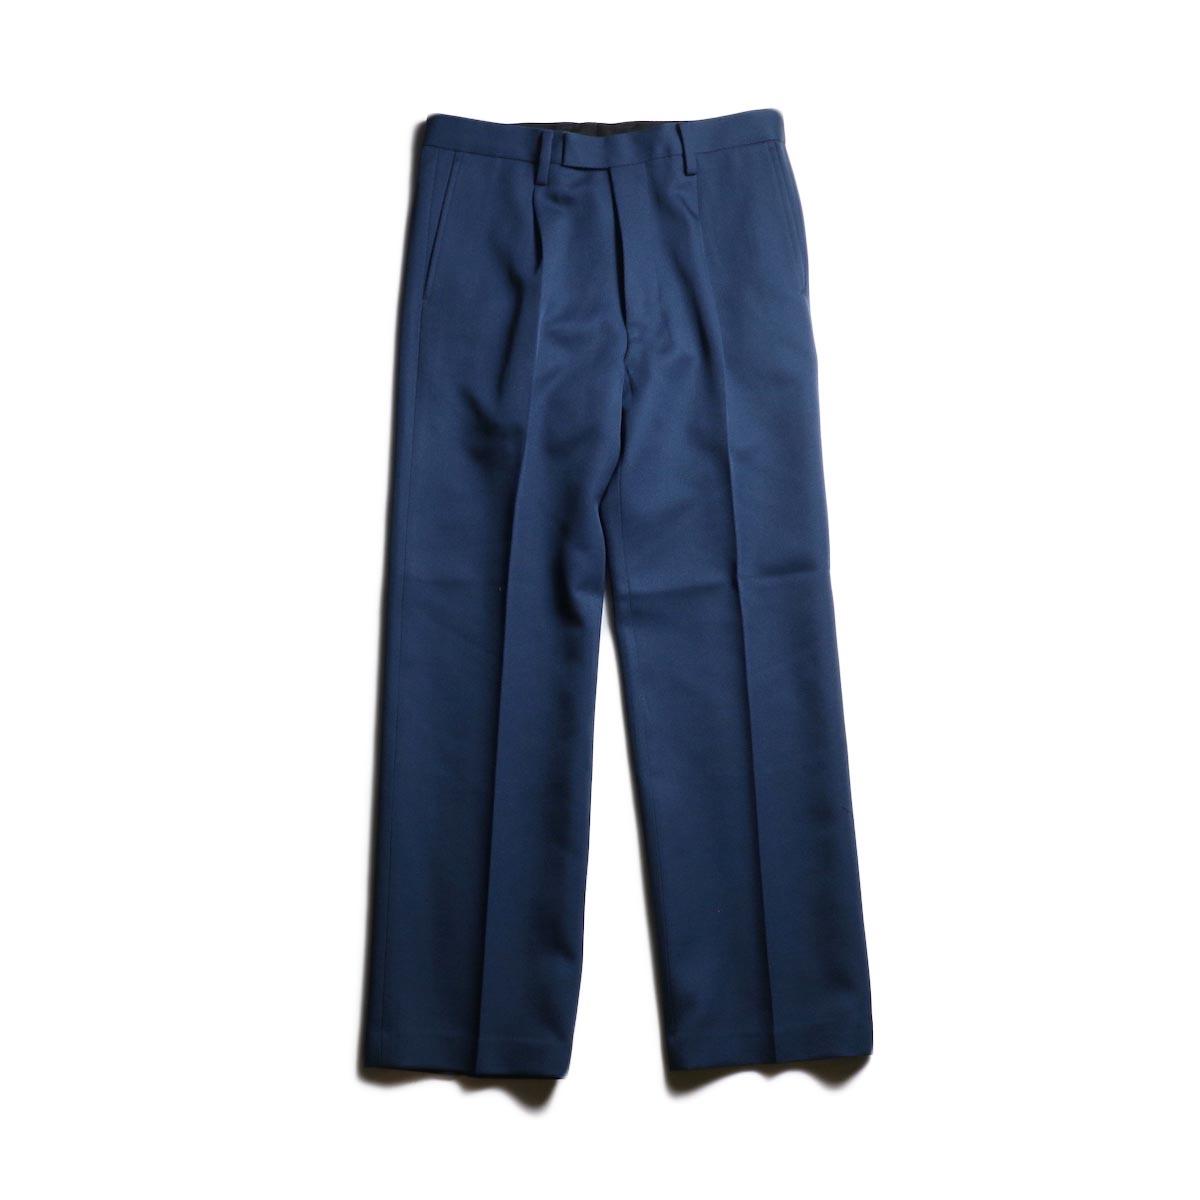 UNUSED / UW0799 Wool Slacks (Navy)